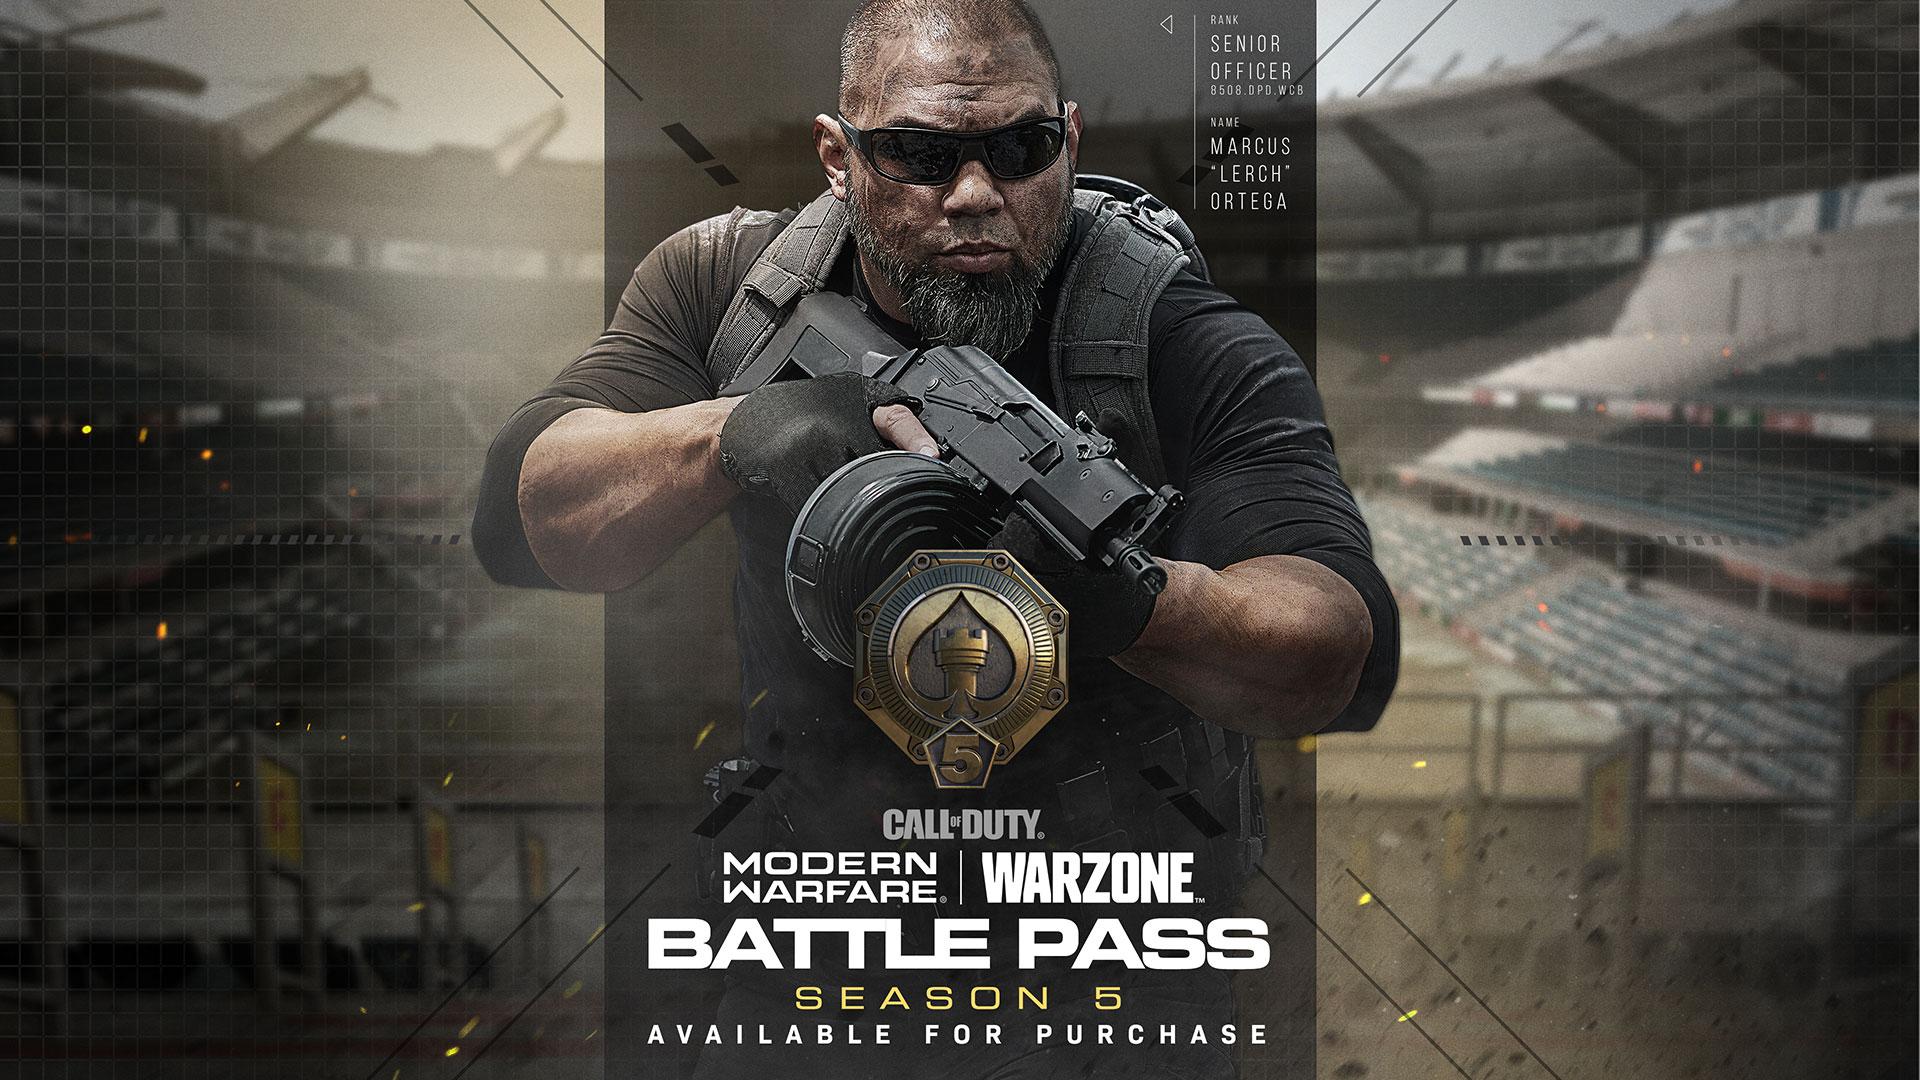 Call of Duty: Modern Warfare y Warzone se actualiza: Pase de Batalla, mapas y operadores de la Temporada 5